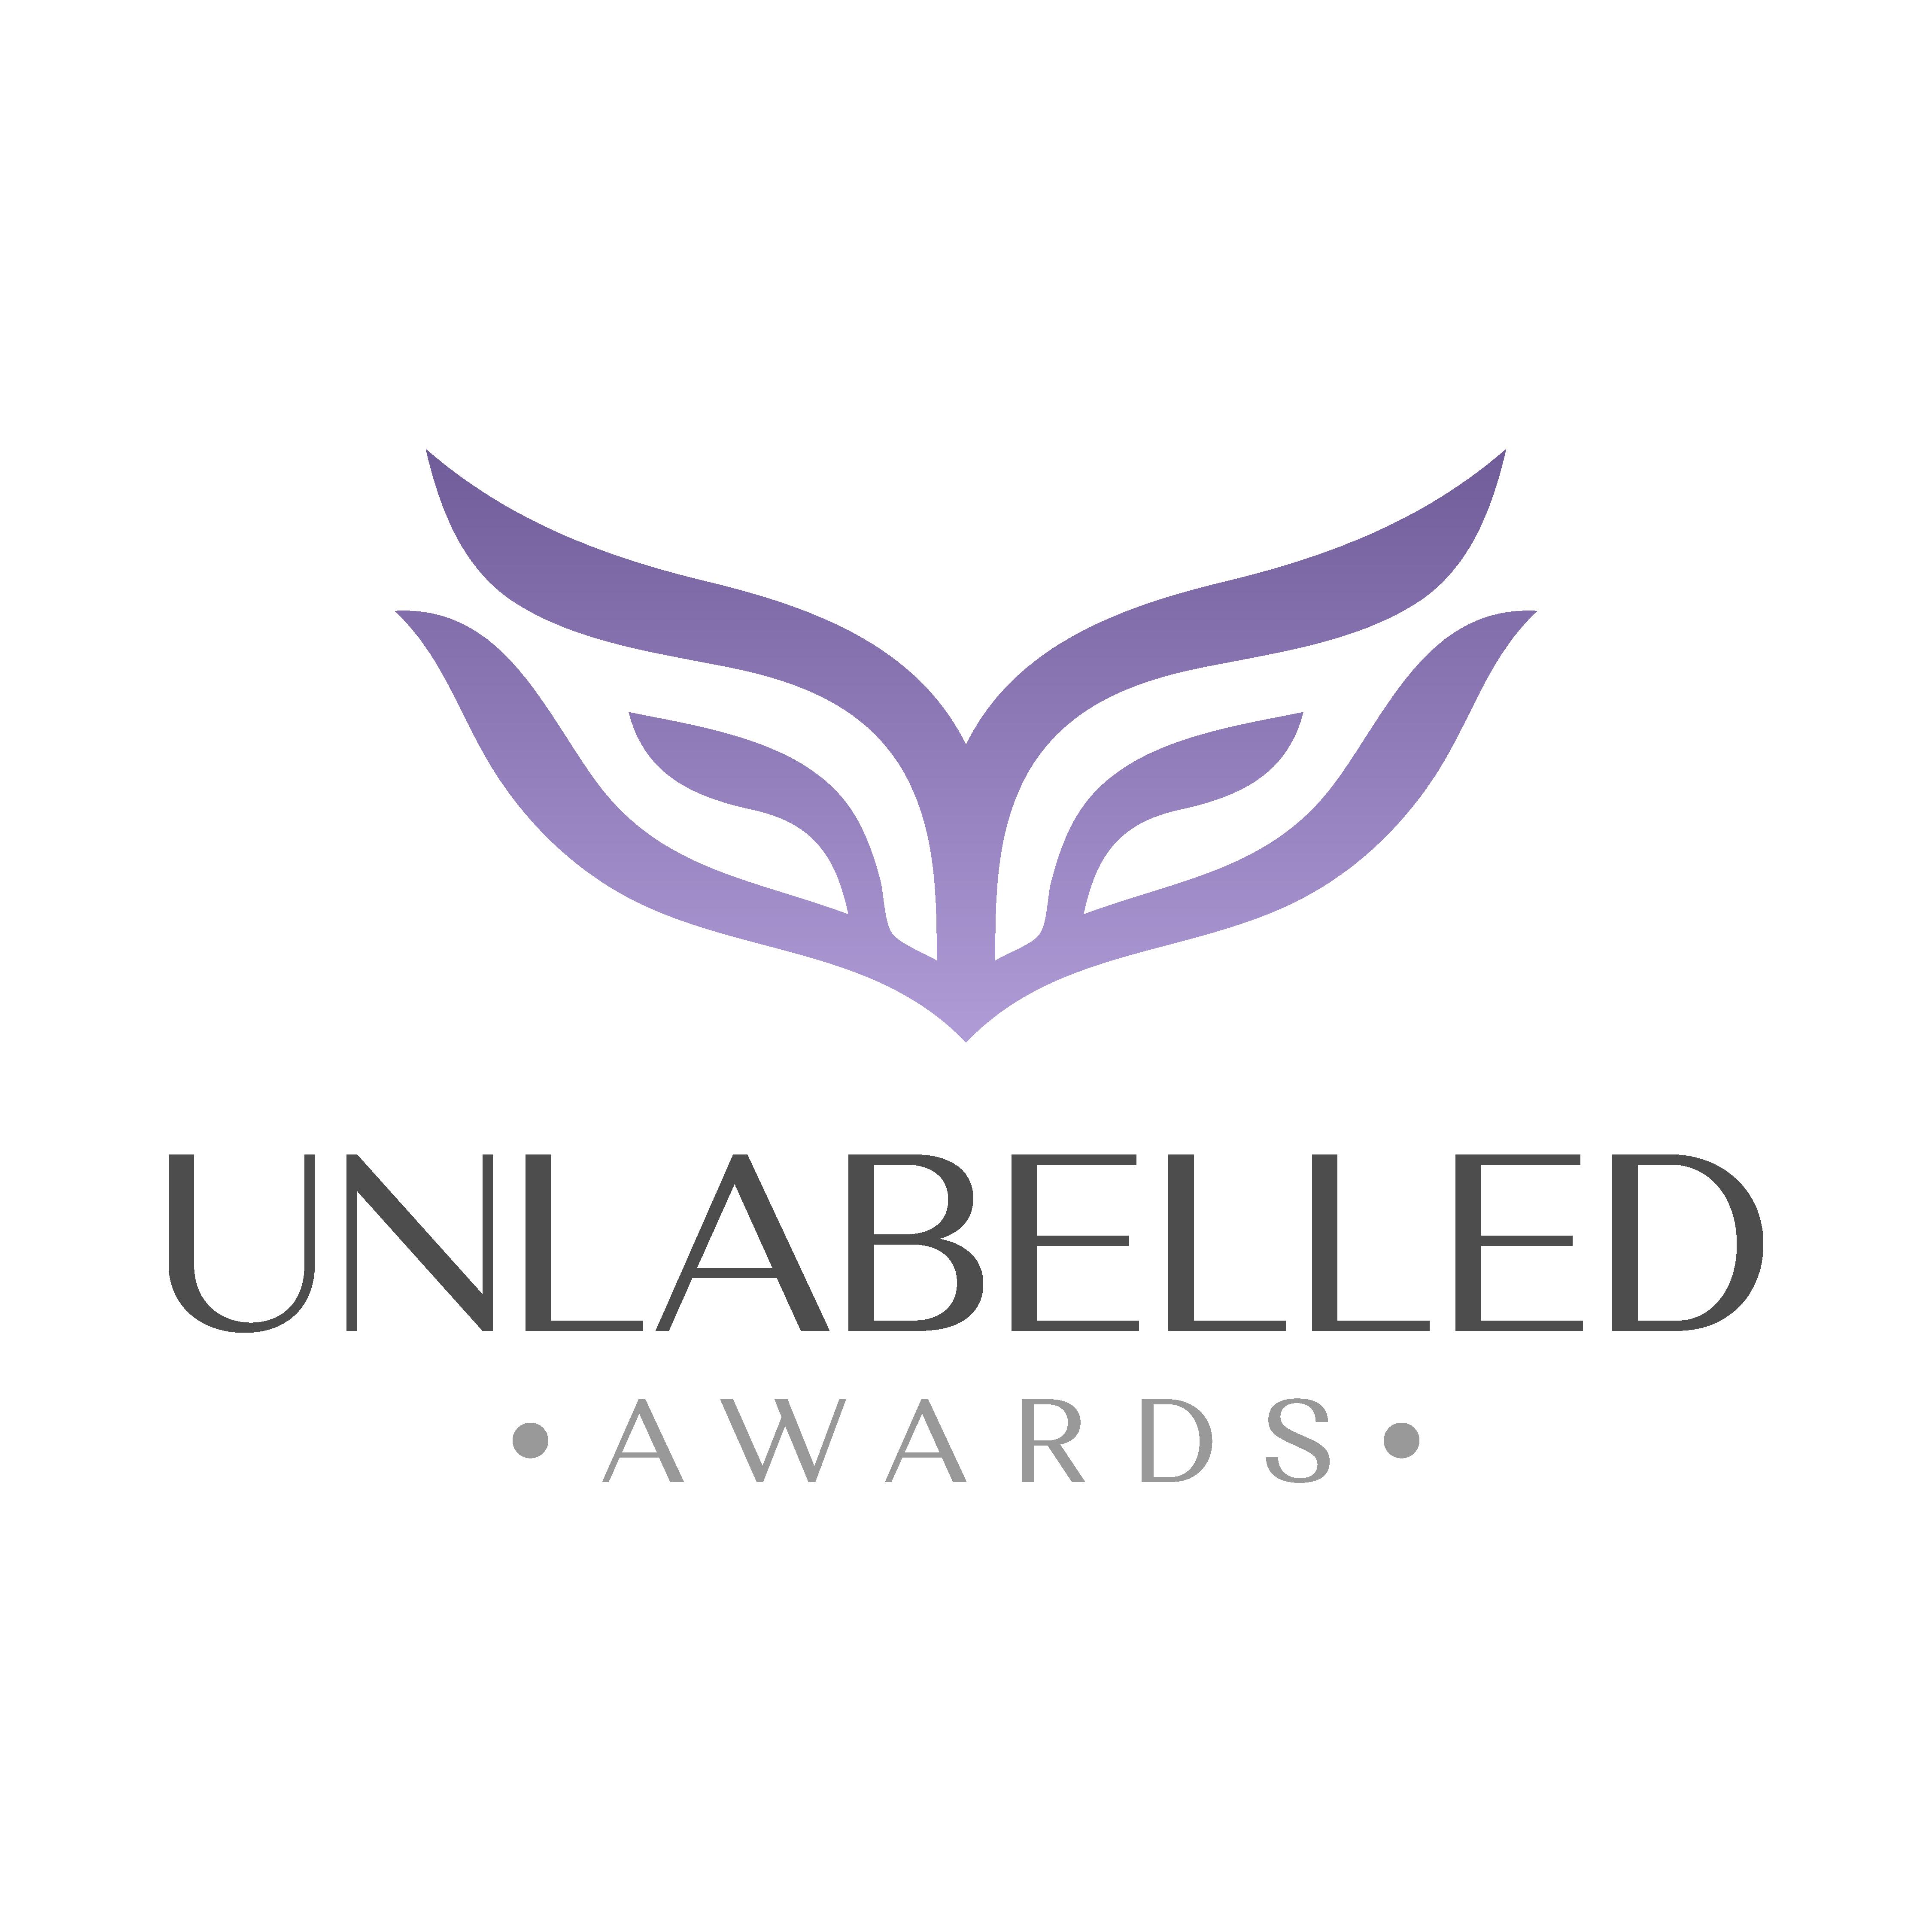 Unlabelled Awards Mask